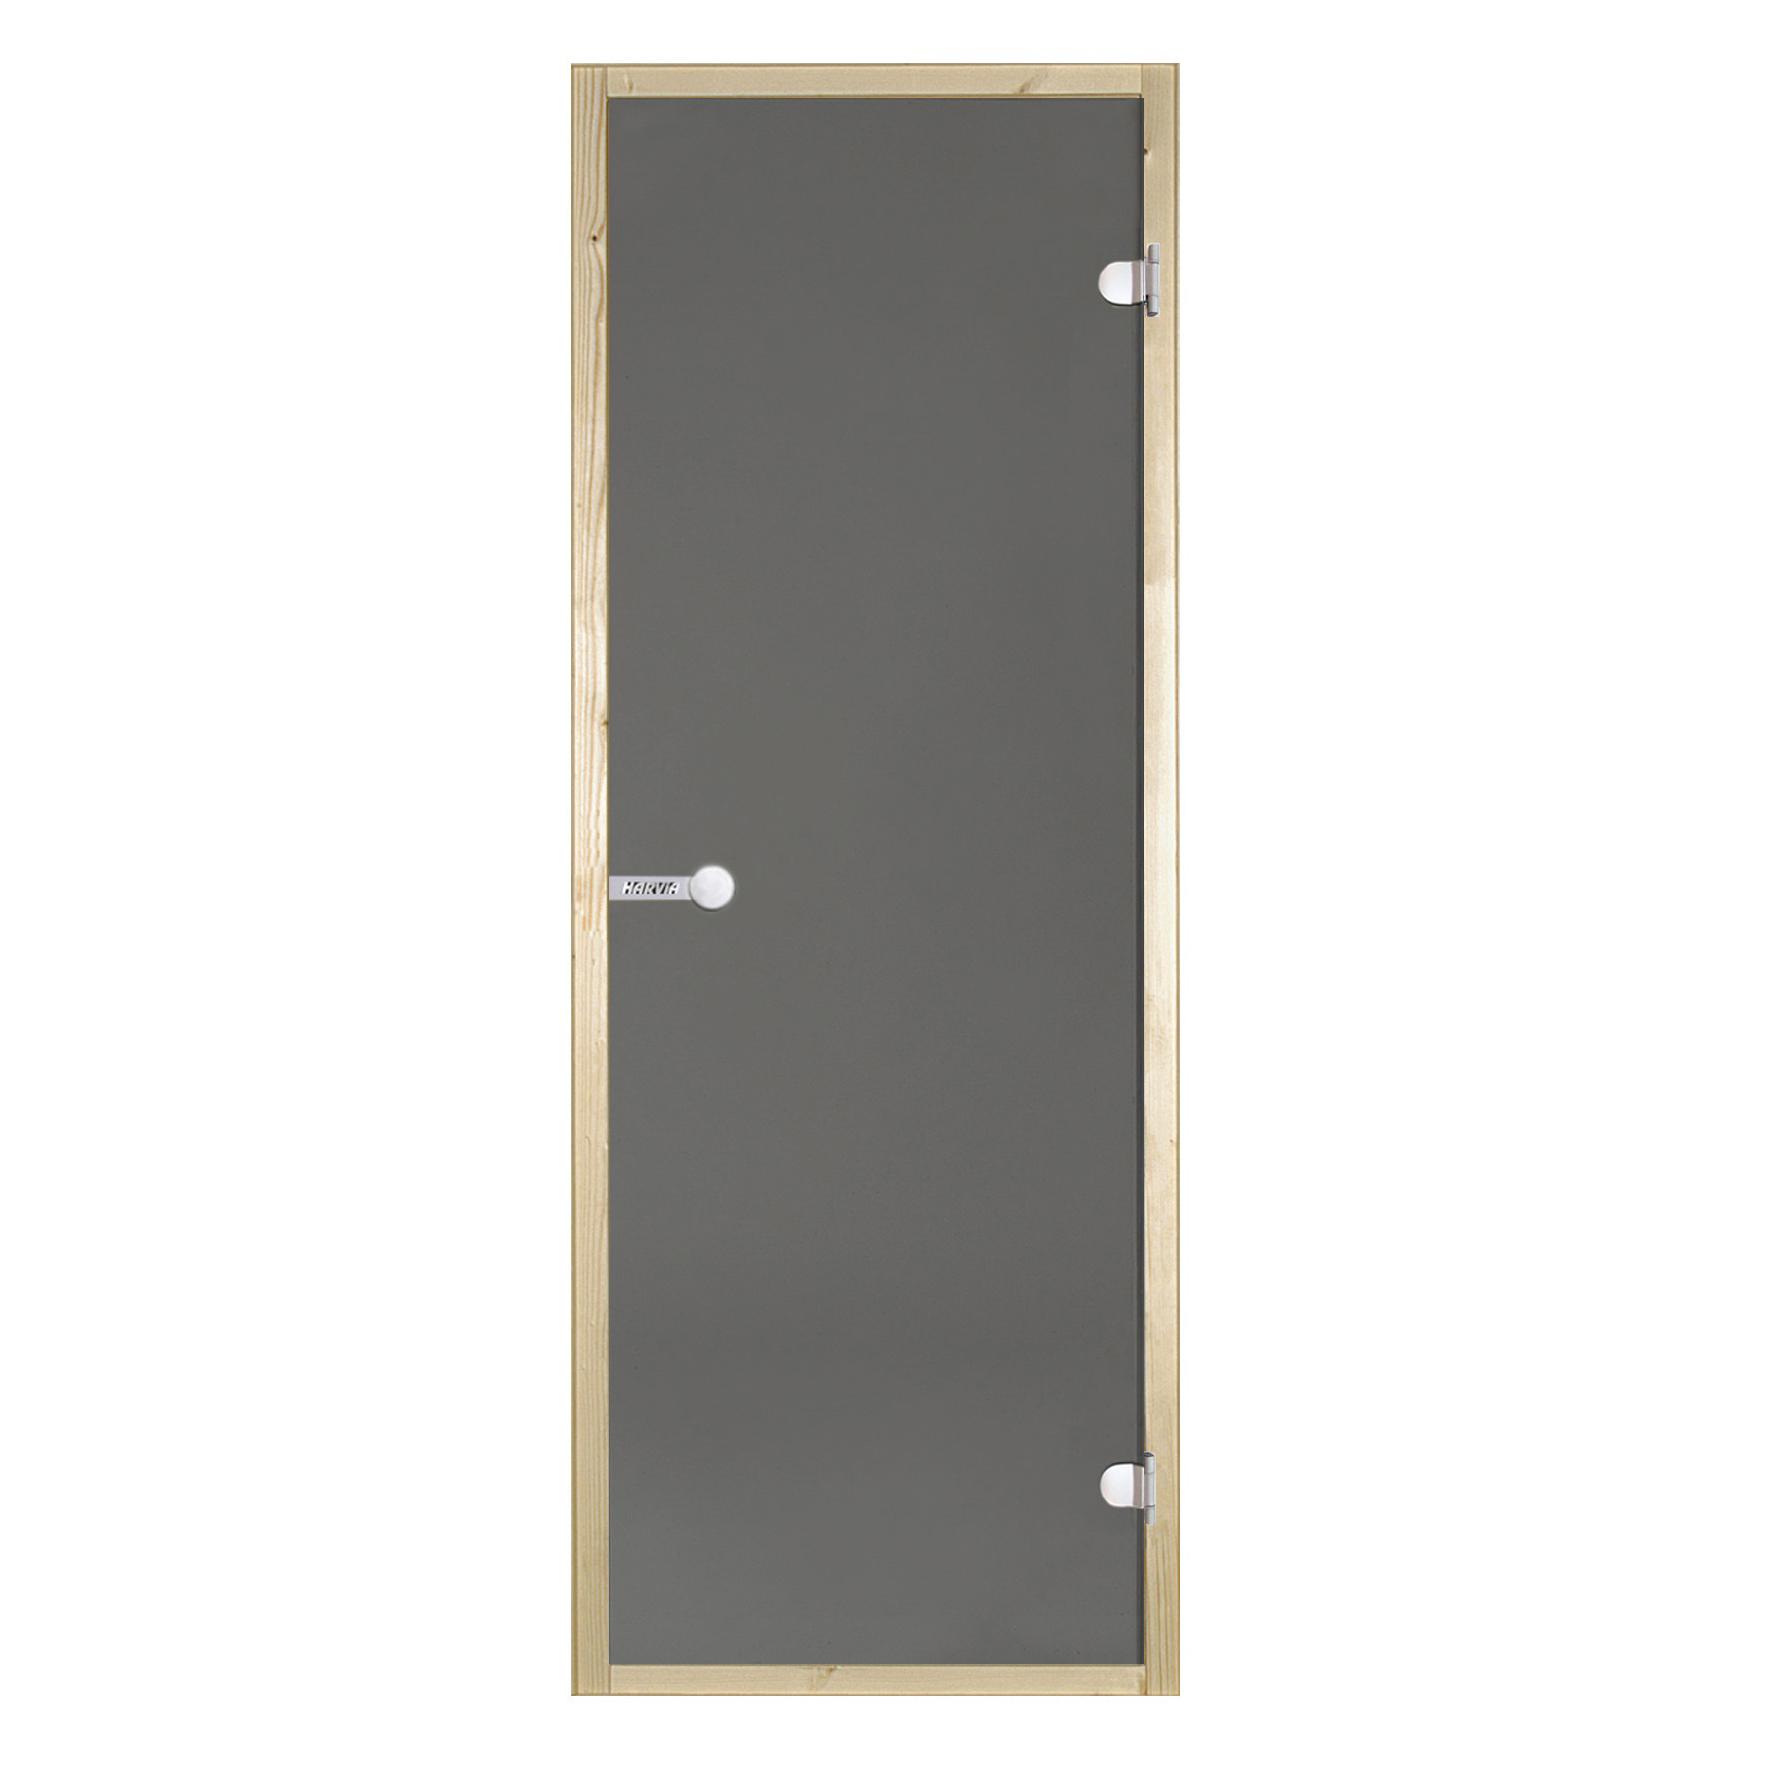 HARVIA Двери стеклянные 7/19 коробка ольха, серая D71902L